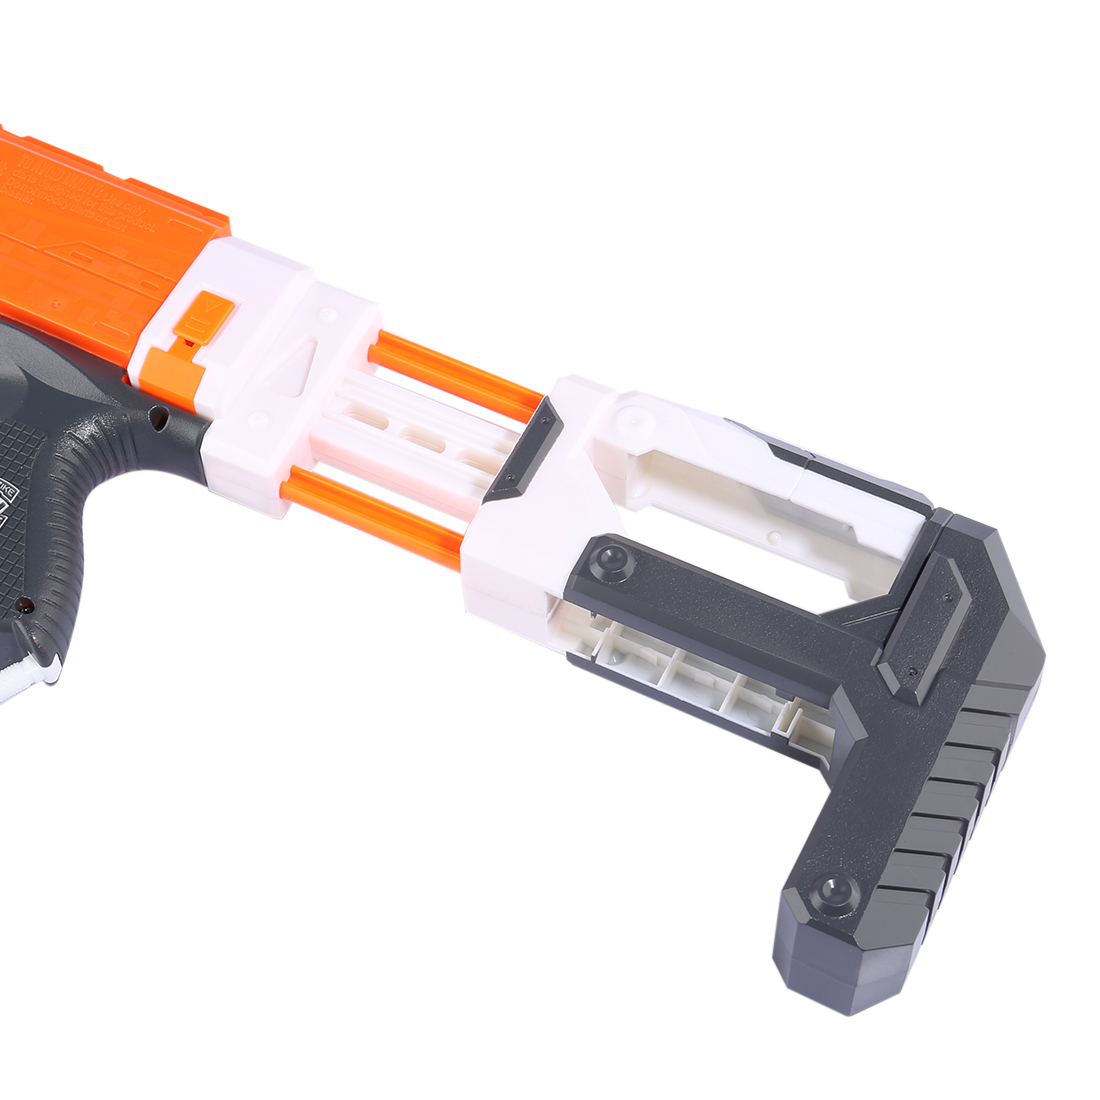 Geändert ABS Inlay Typ Schwanz Lager für Nerf N-strike Elite Serie-Orange + Grau